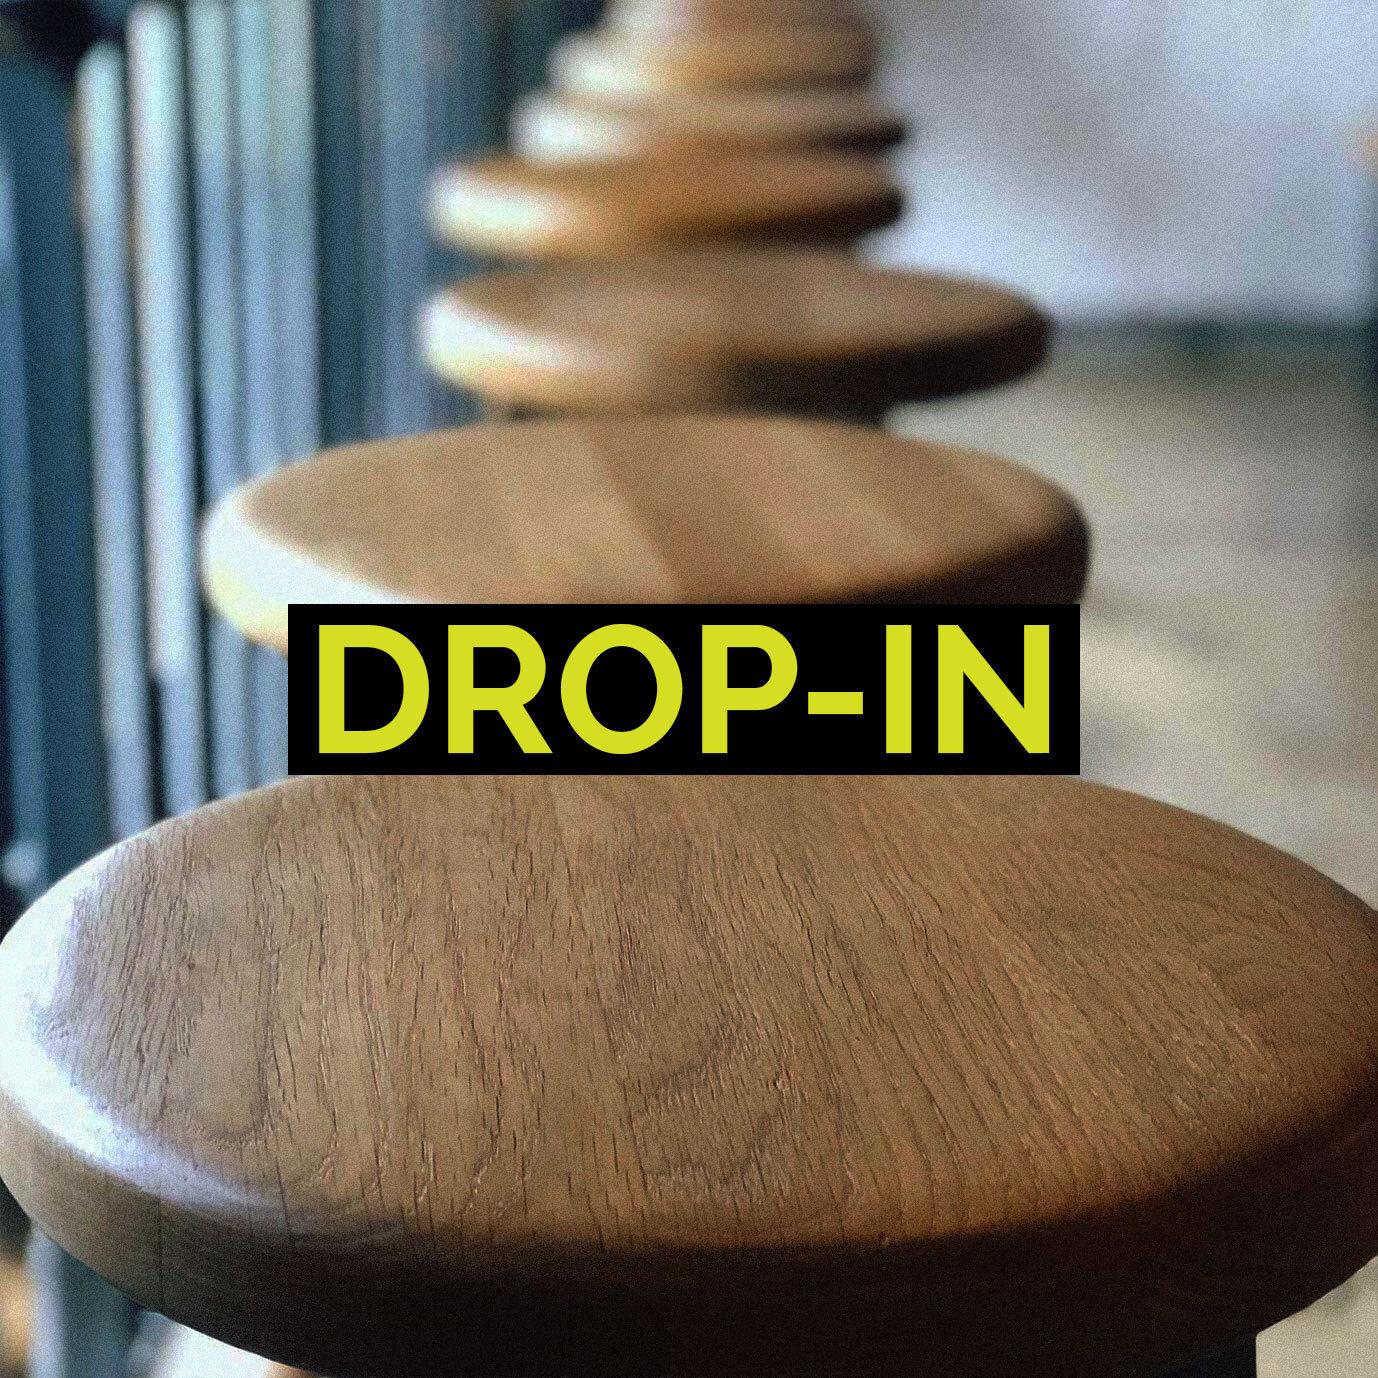 meny_dropin.jpg